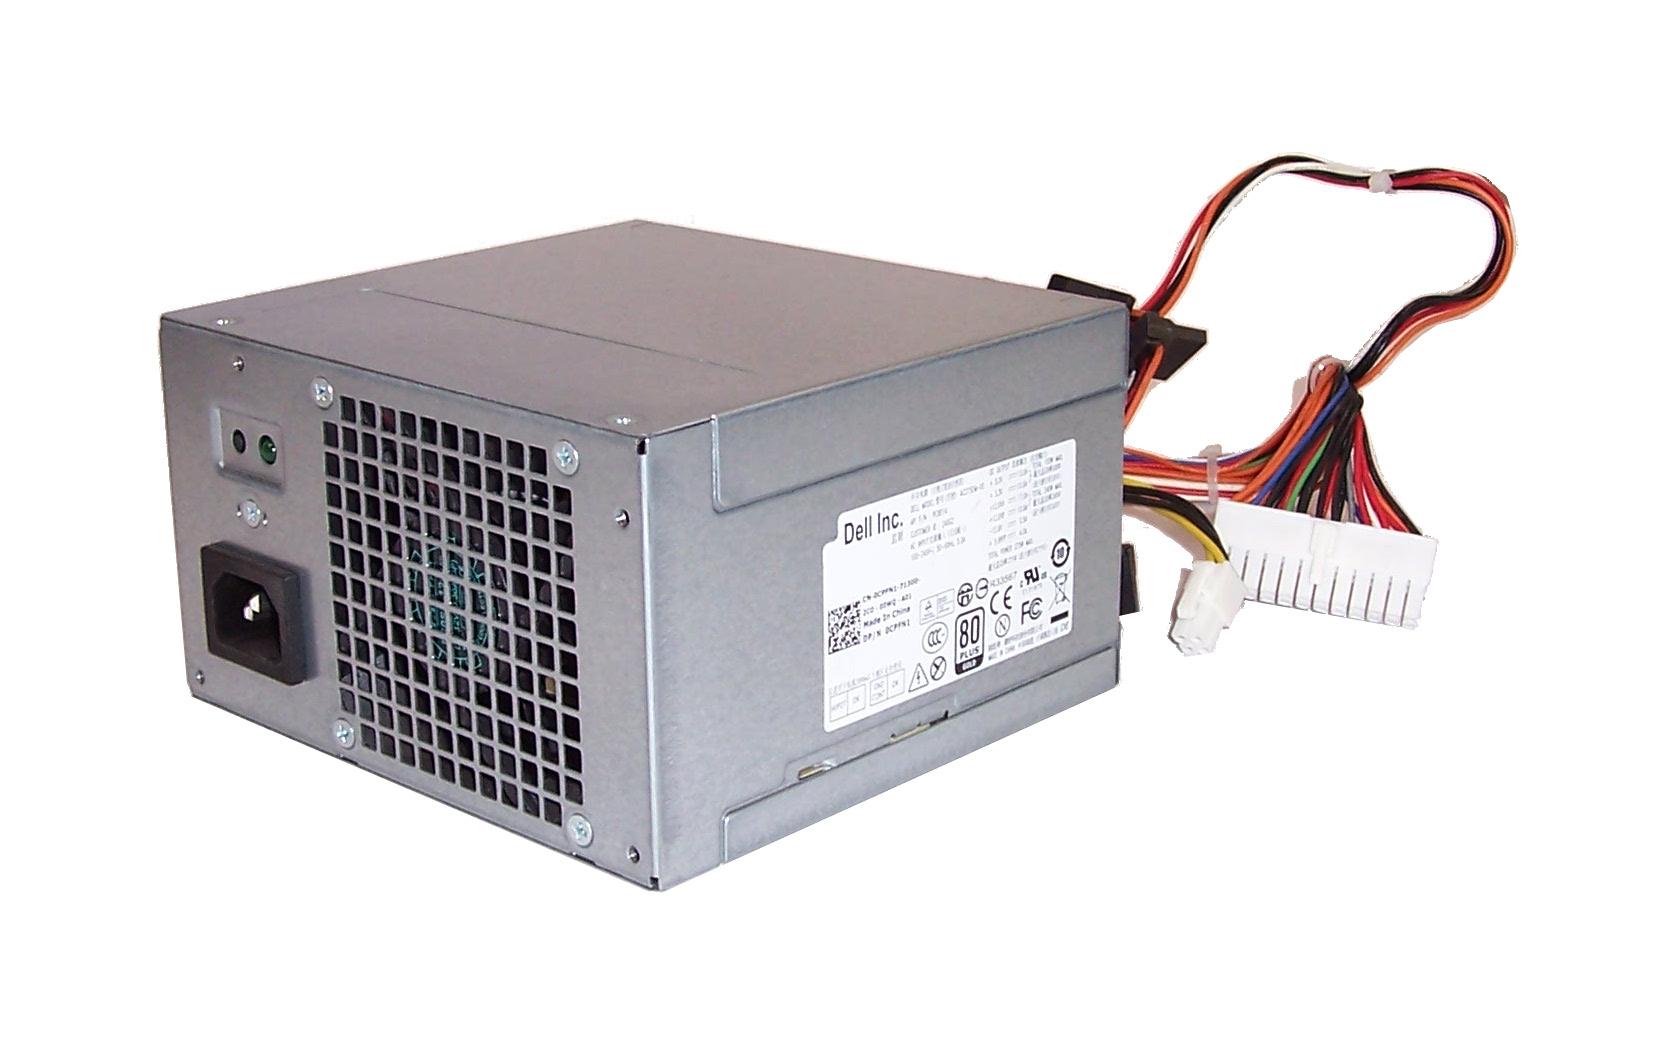 Dell CPFN1 AC275EM-00 Optiplex 3010 MT 275W Power Supply